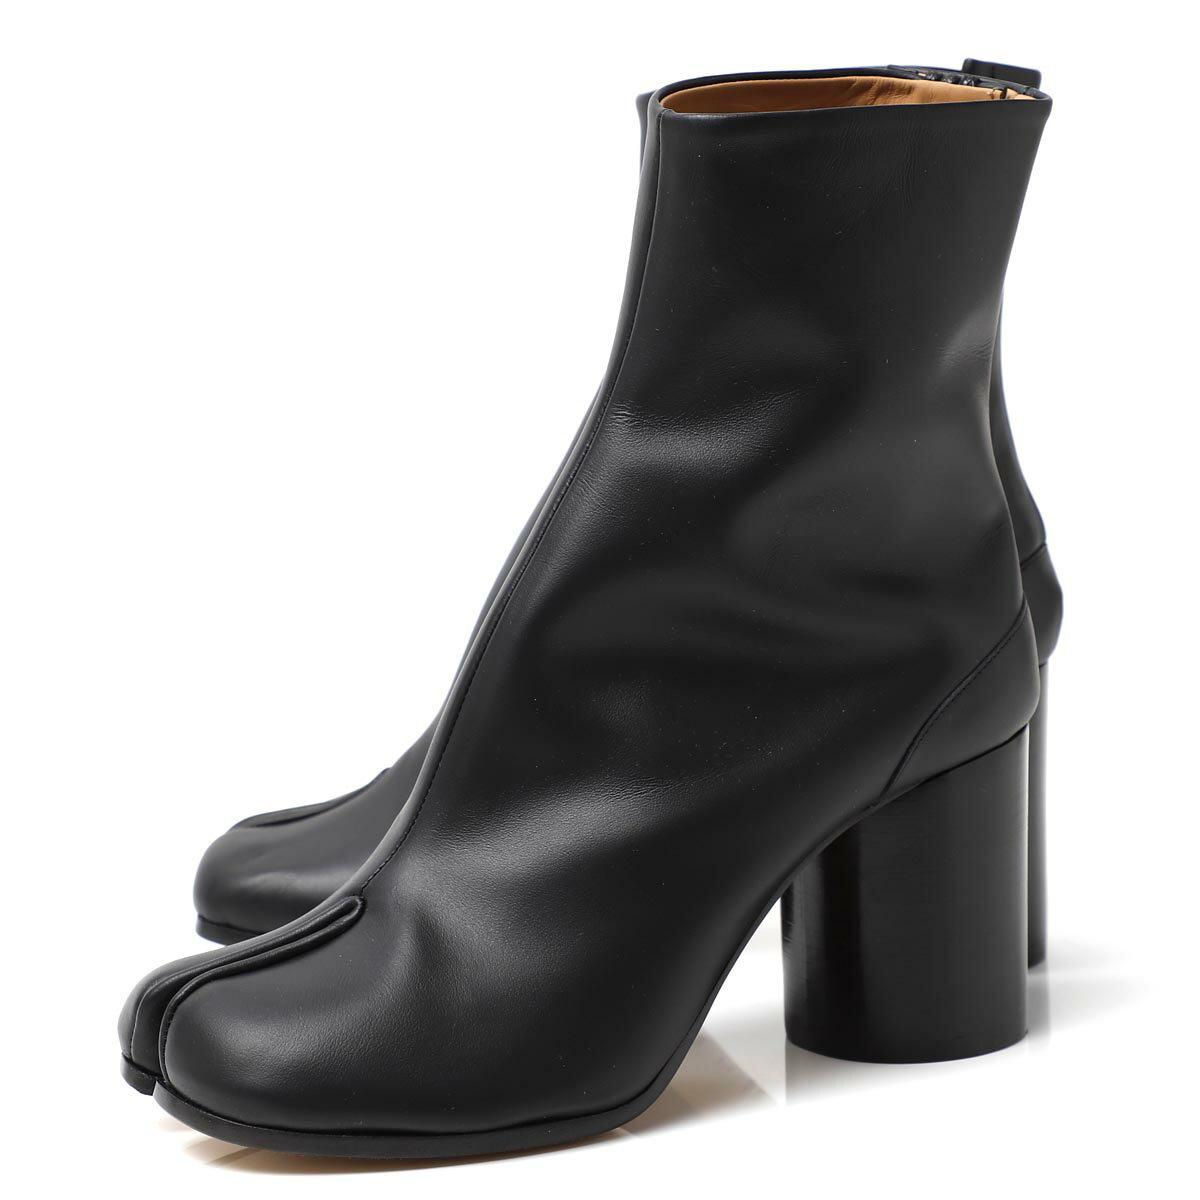 ブーツ, その他  Maison Margiela s58wu0260 pr516 t8013 TABI